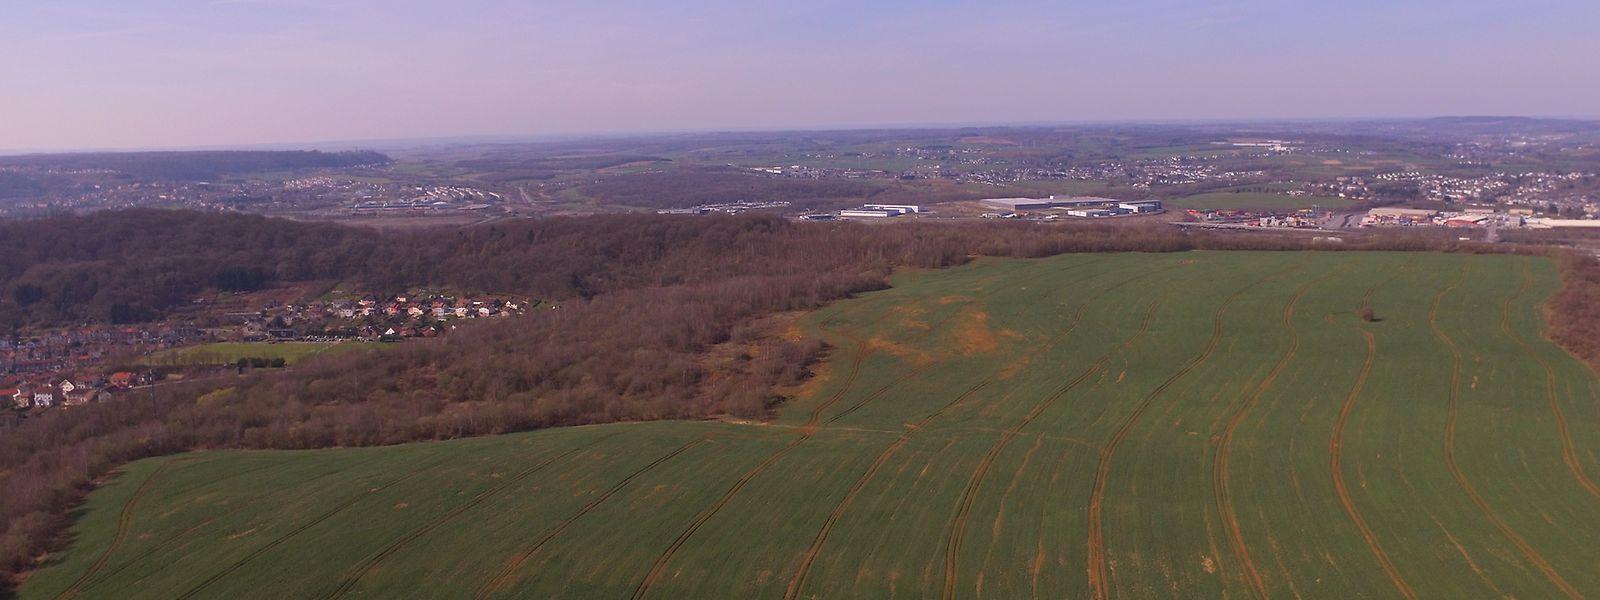 Le terrain de 116 hectares acquis par Differdange est aussi grand qu'un tiers de sa commune voisine, Saulnes.